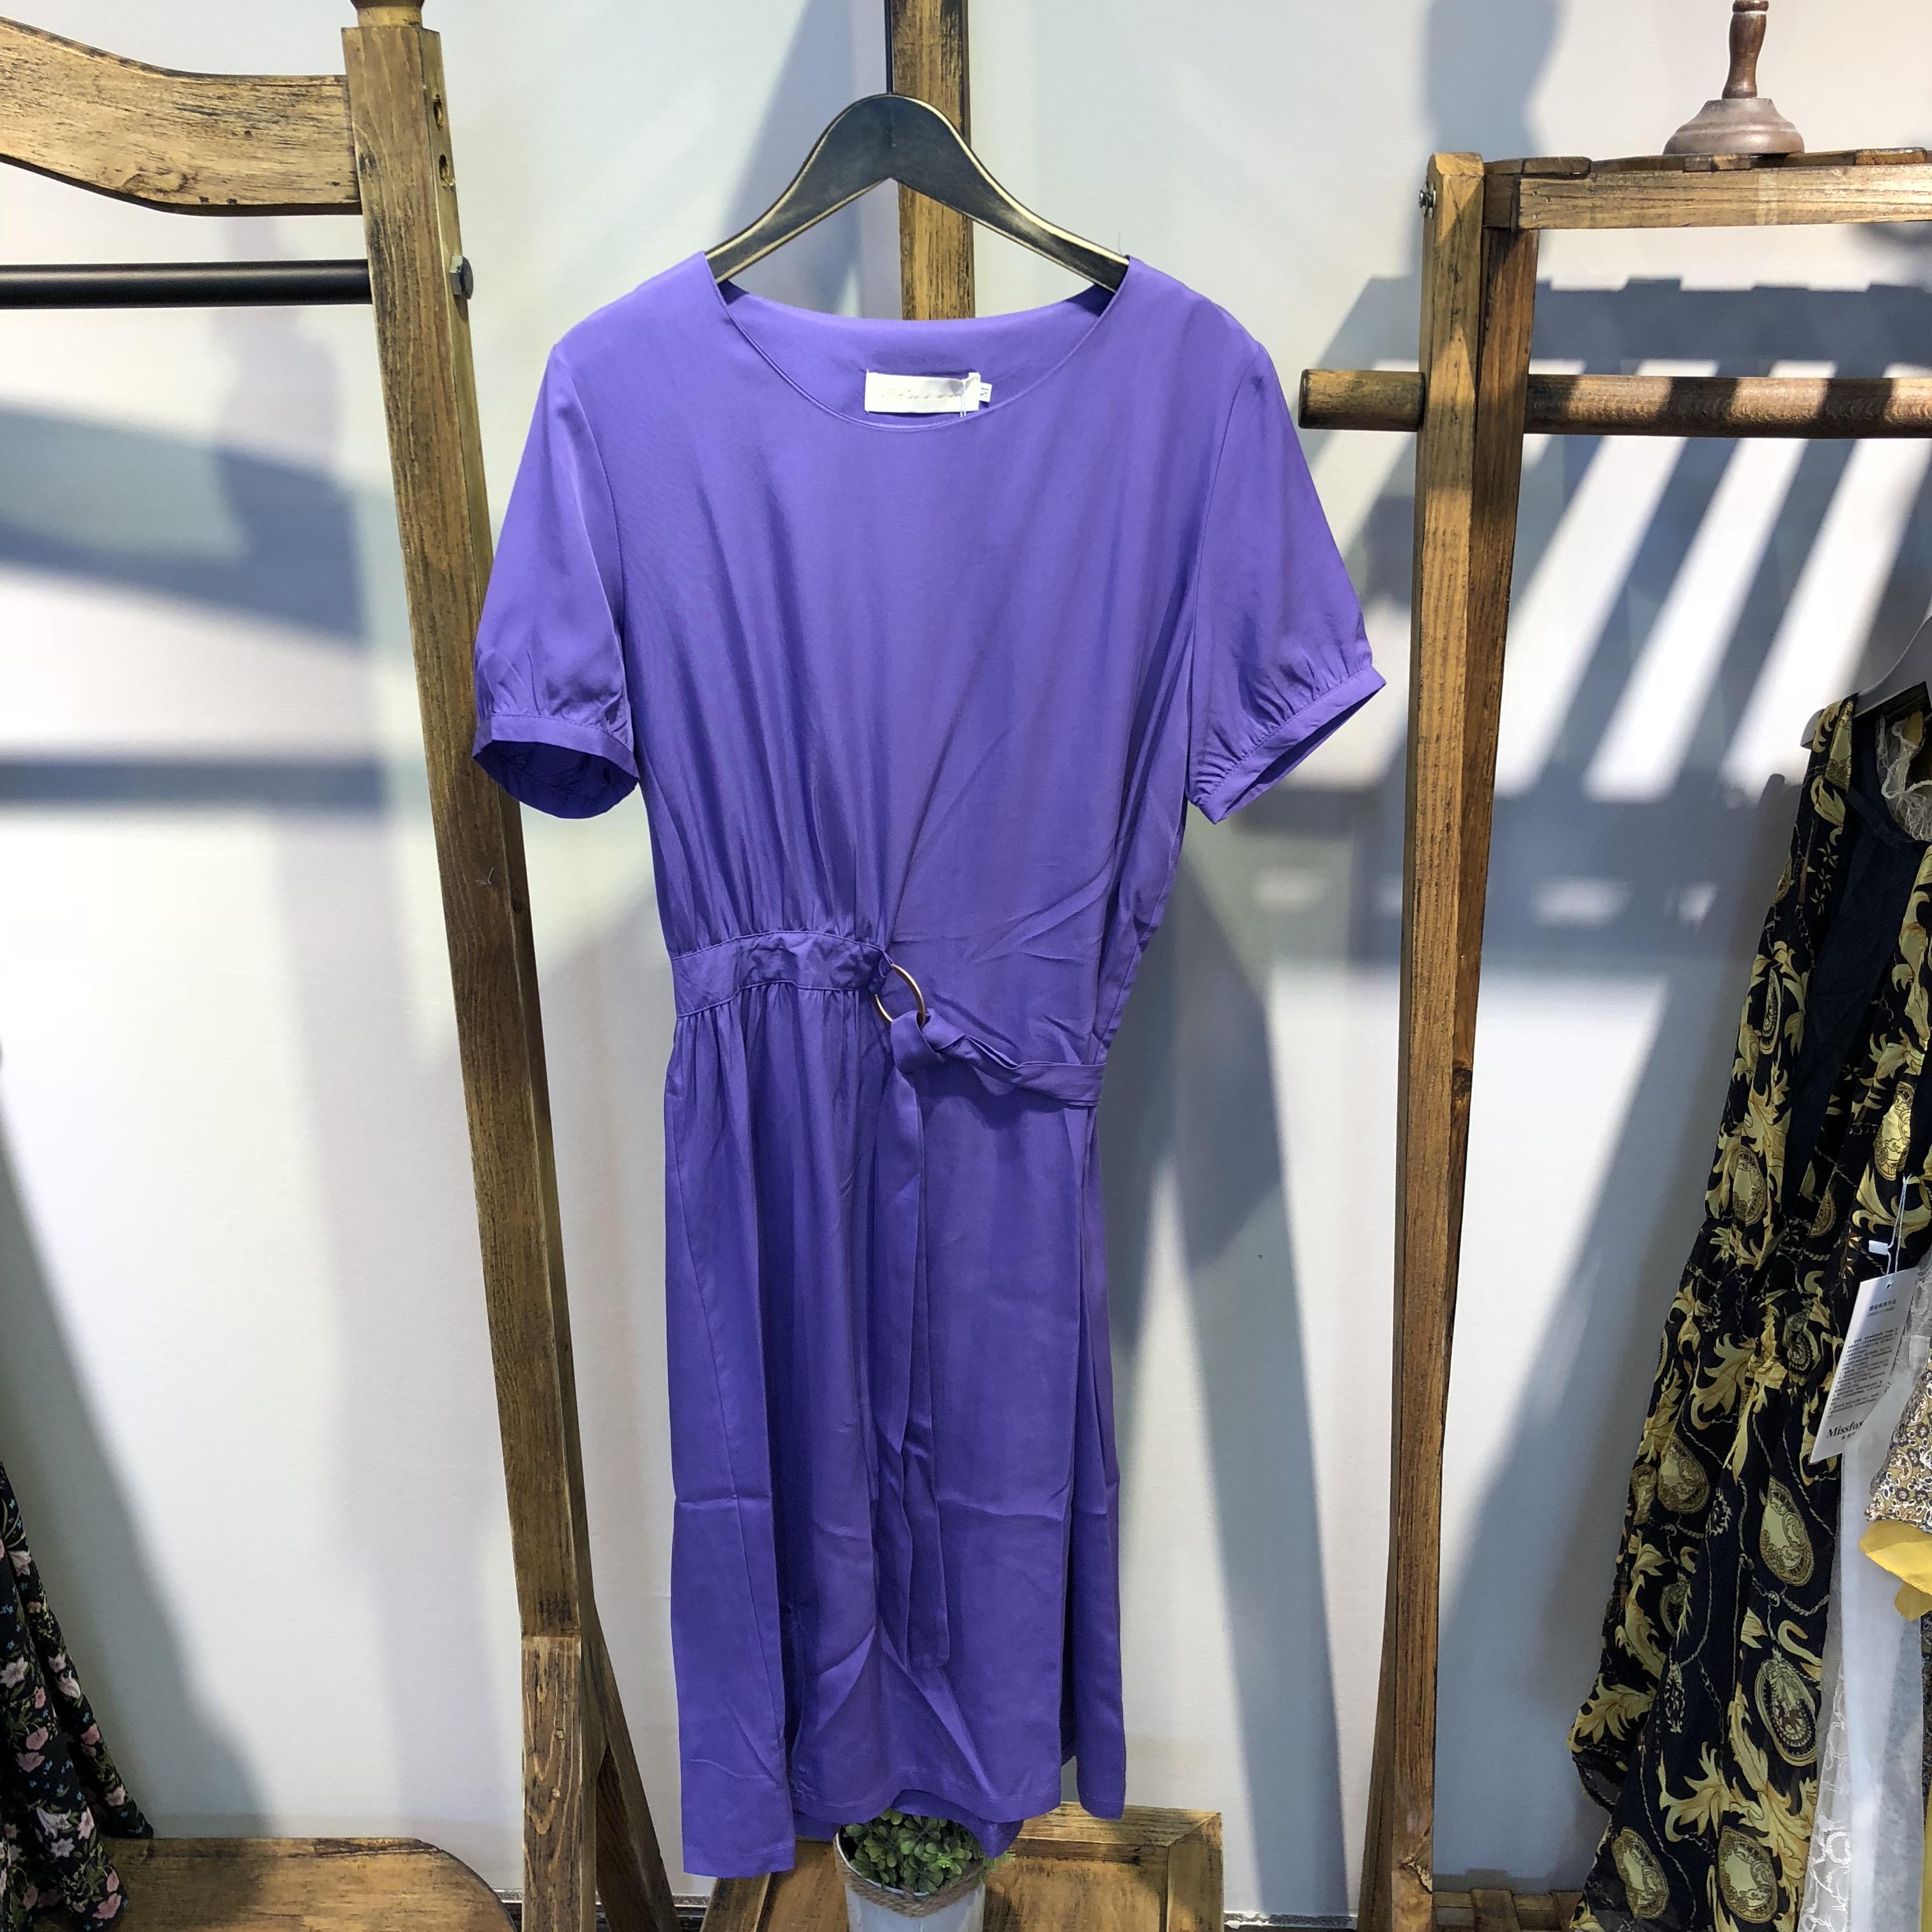 黄色连衣裙 【逸路花语】18夏新天丝腰带圆环设计圆领短袖连衣裙 GZ18-1836_推荐淘宝好看的黄色连衣裙